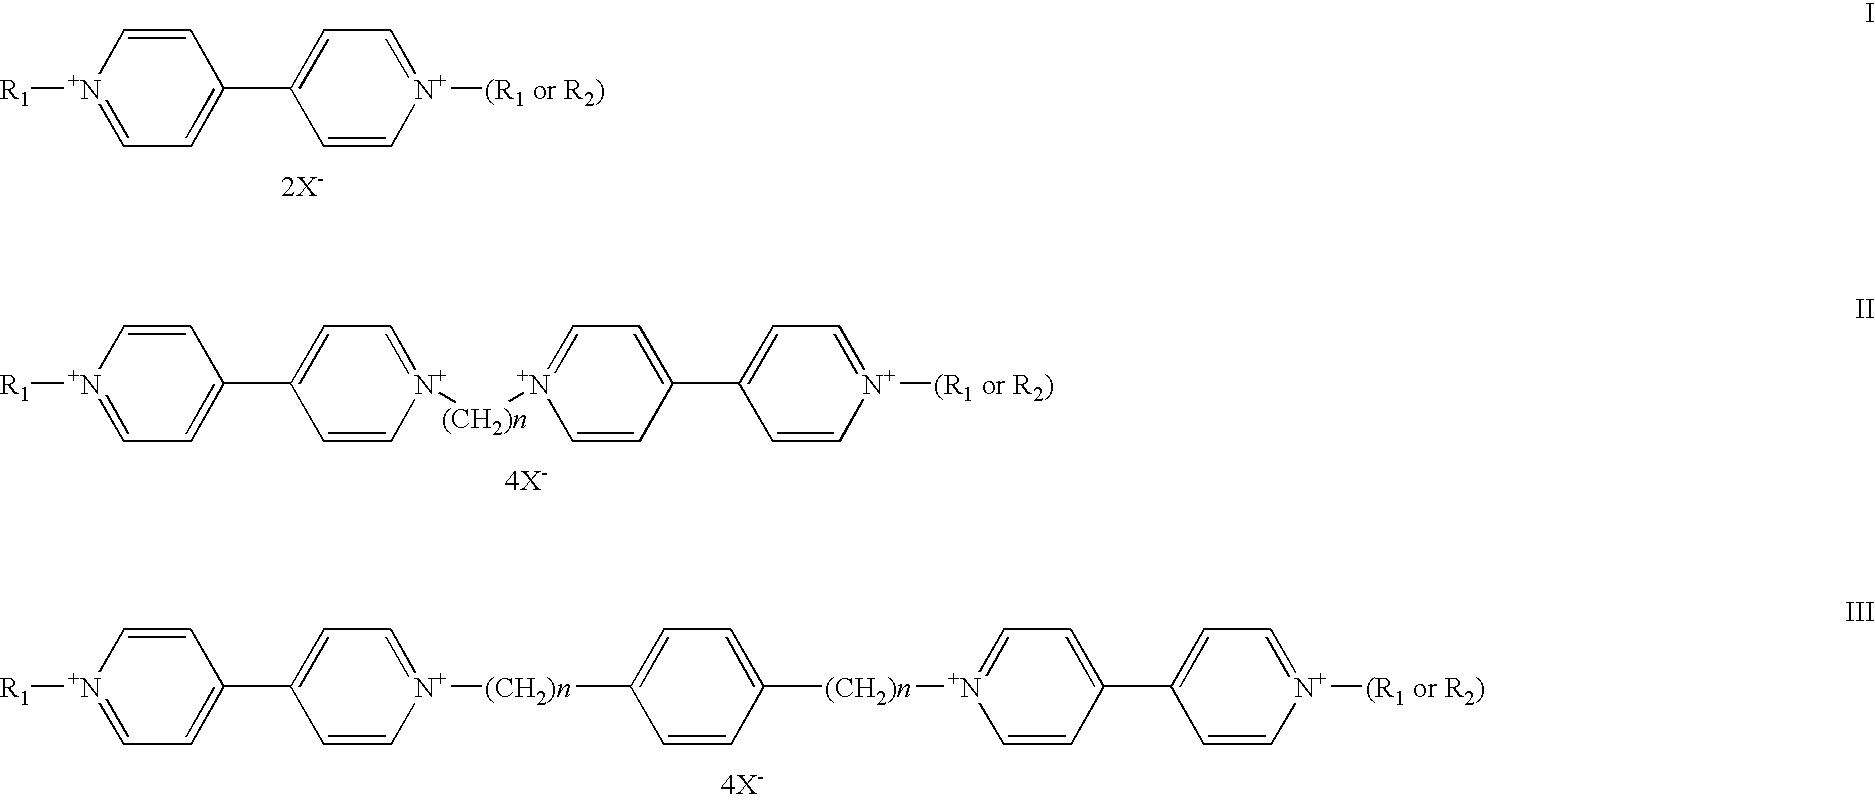 Figure US20050128562A1-20050616-C00012